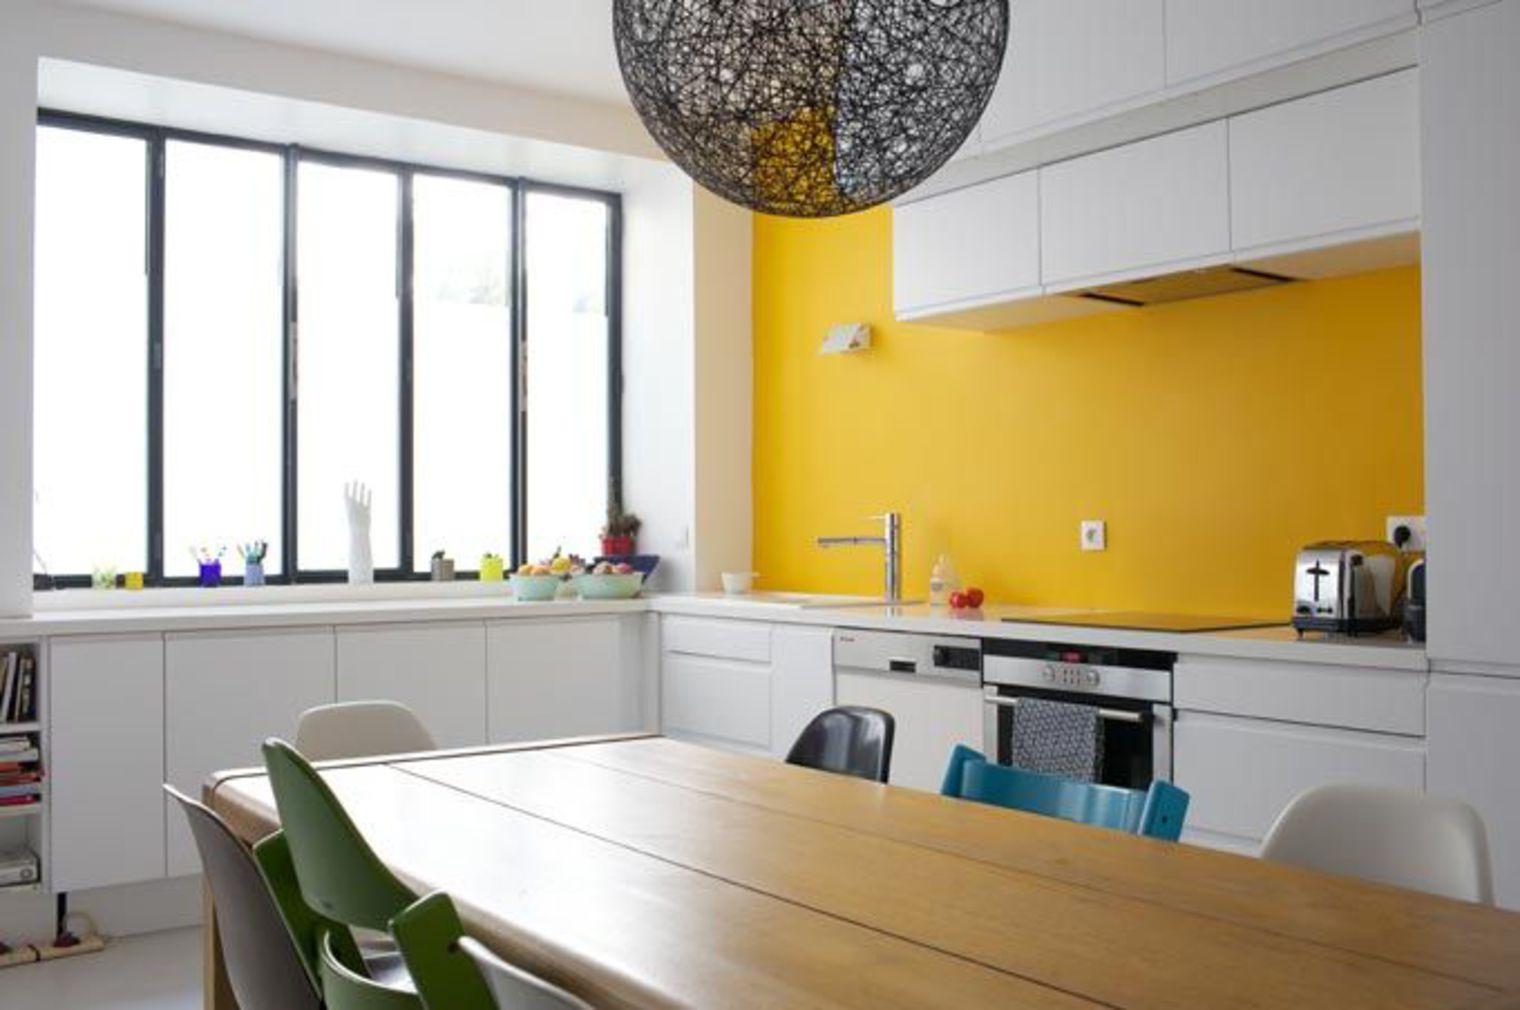 cuisine-contemporaine-avec-mur-jaune